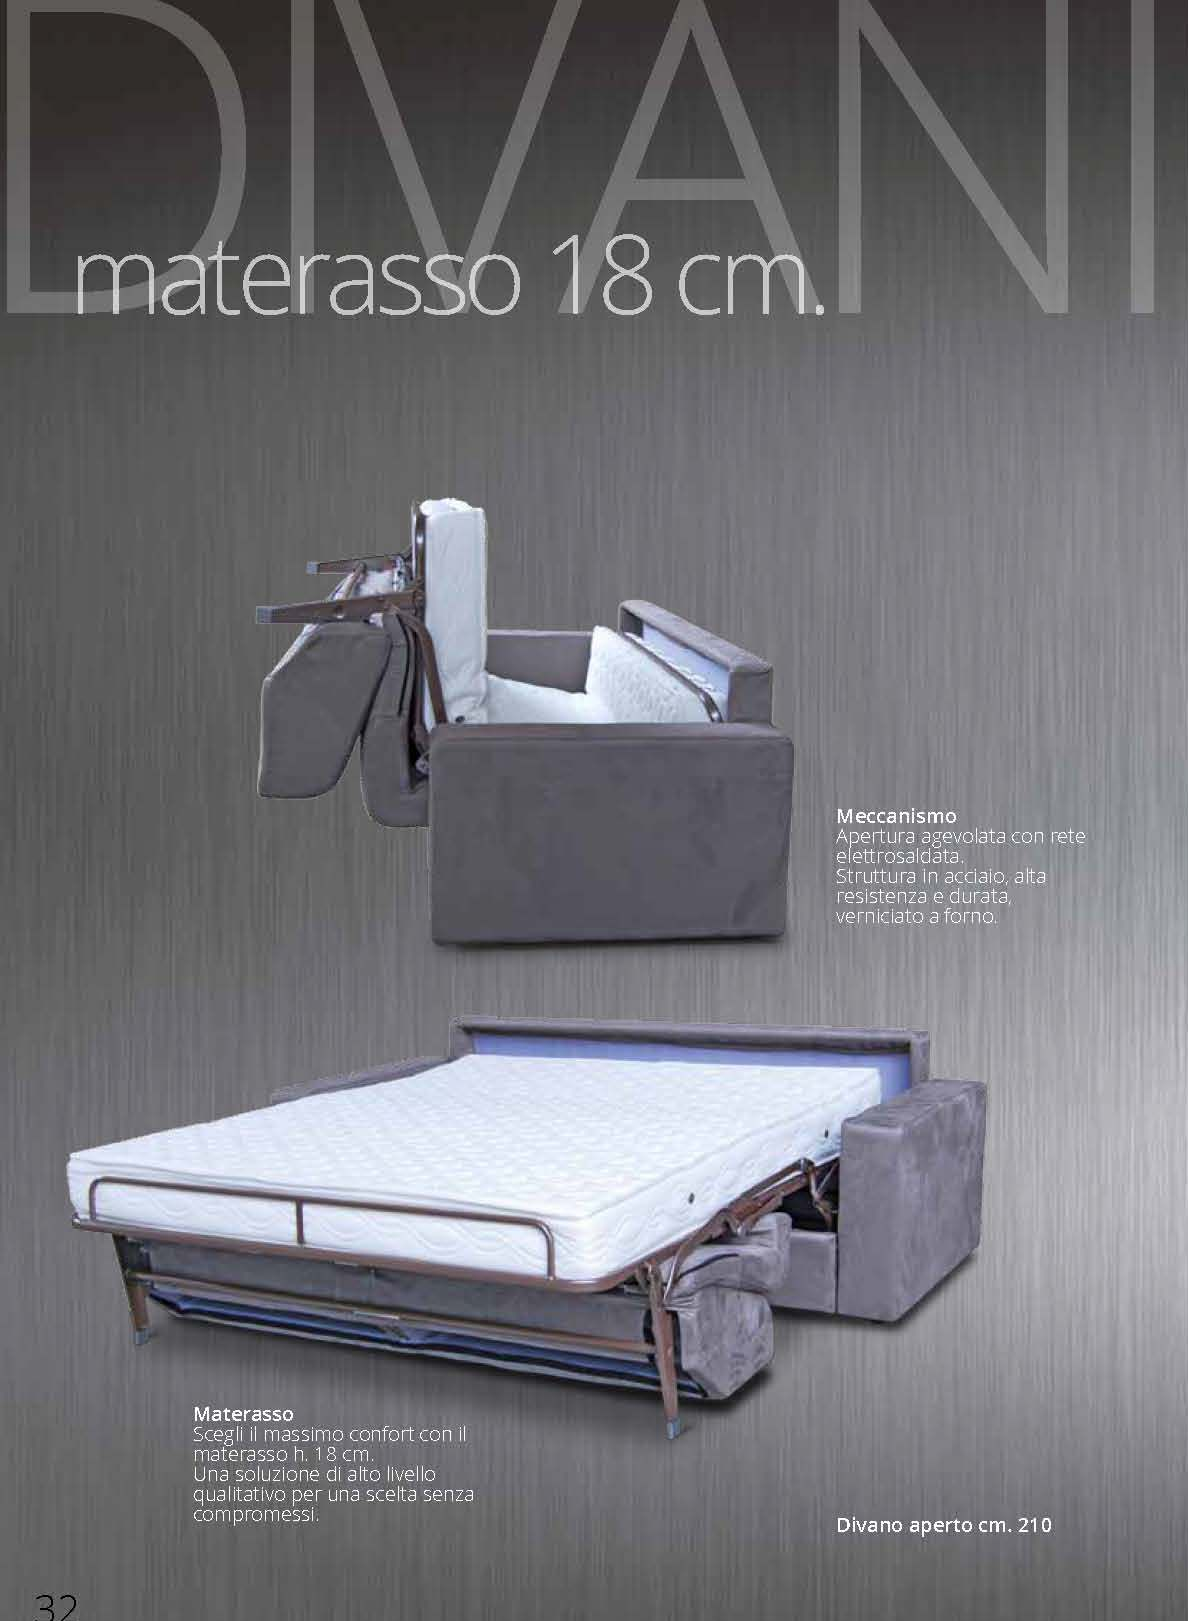 Ottmat divano letto blitz bovisa milano vendita di oggetti e mobili nuovi ed usati - Divano letto 160 cm mondo convenienza ...